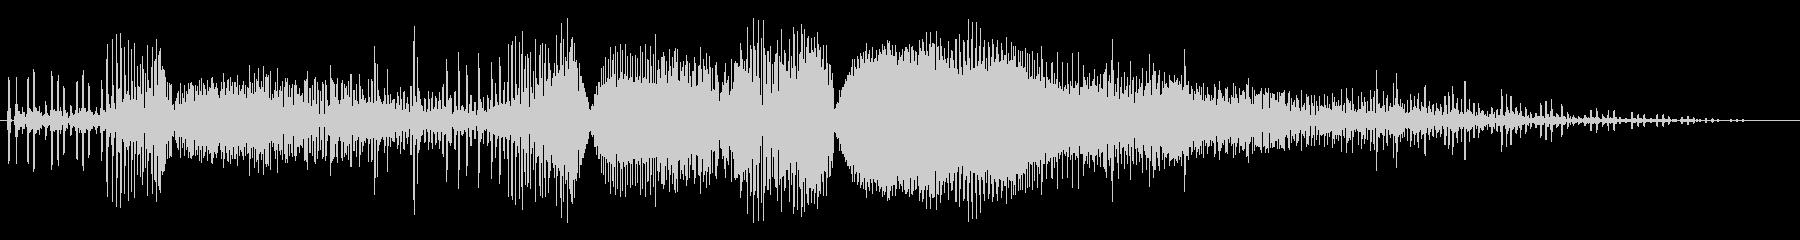 【バイク】ド迫力のアクセル,ふかす01の未再生の波形